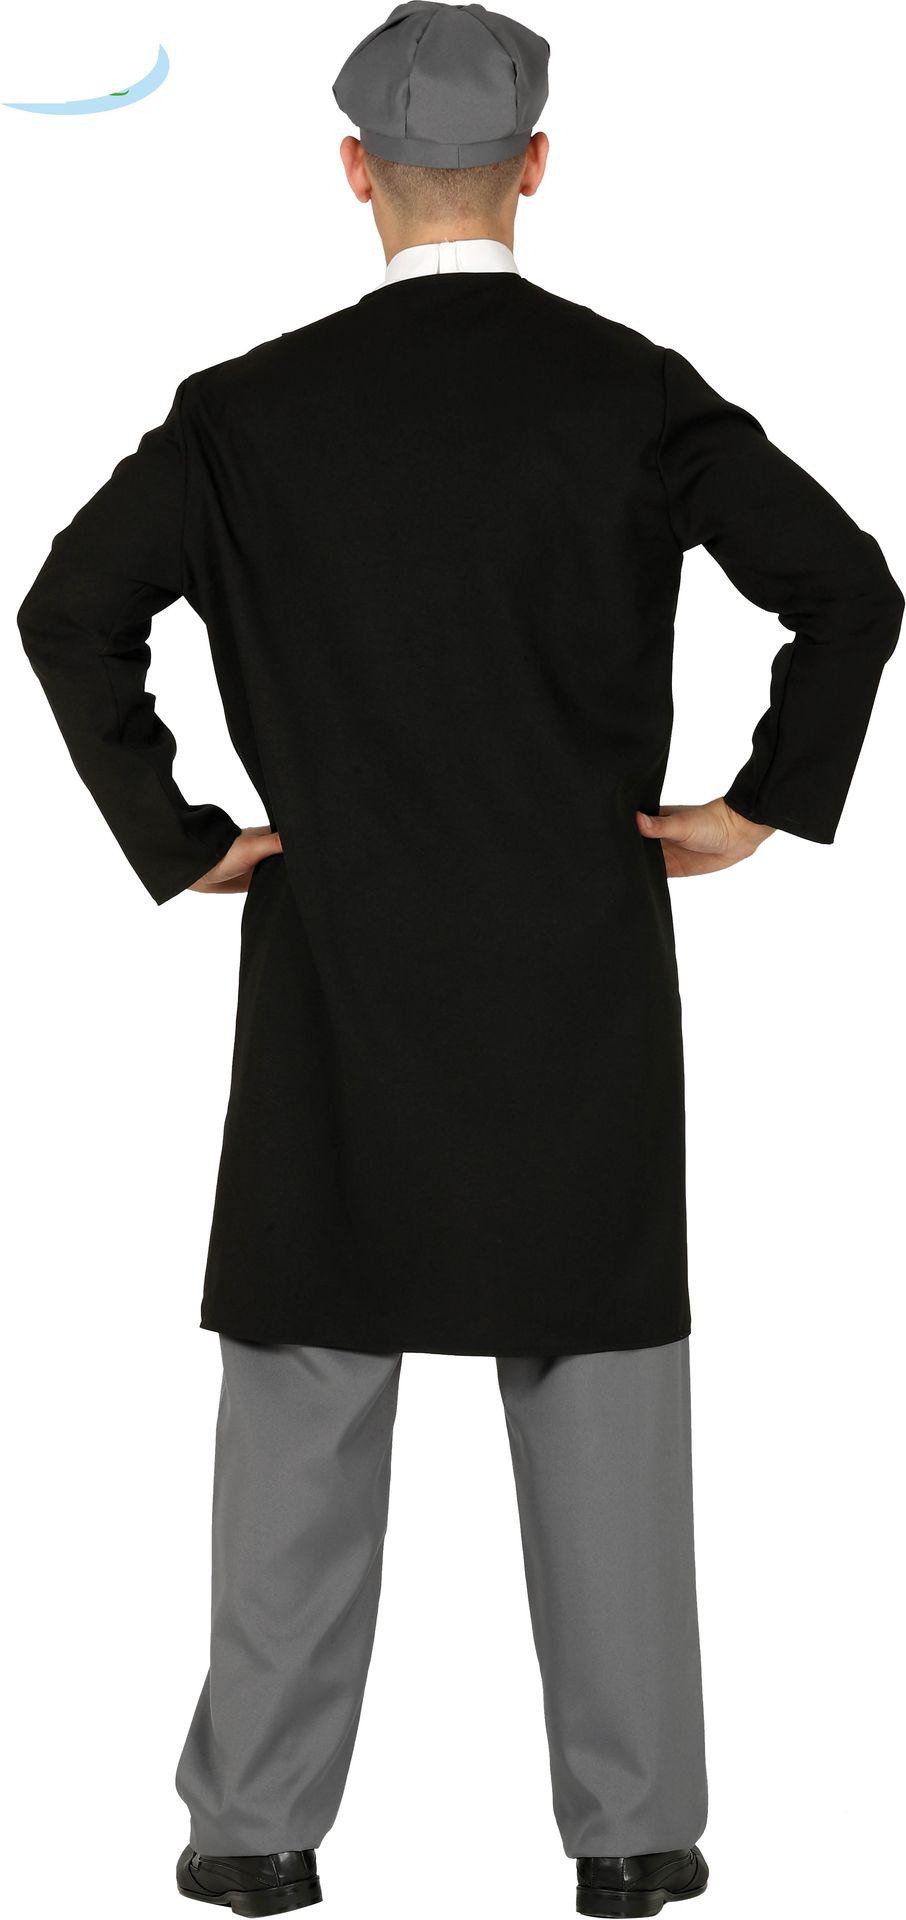 Peaky blinders kostuum